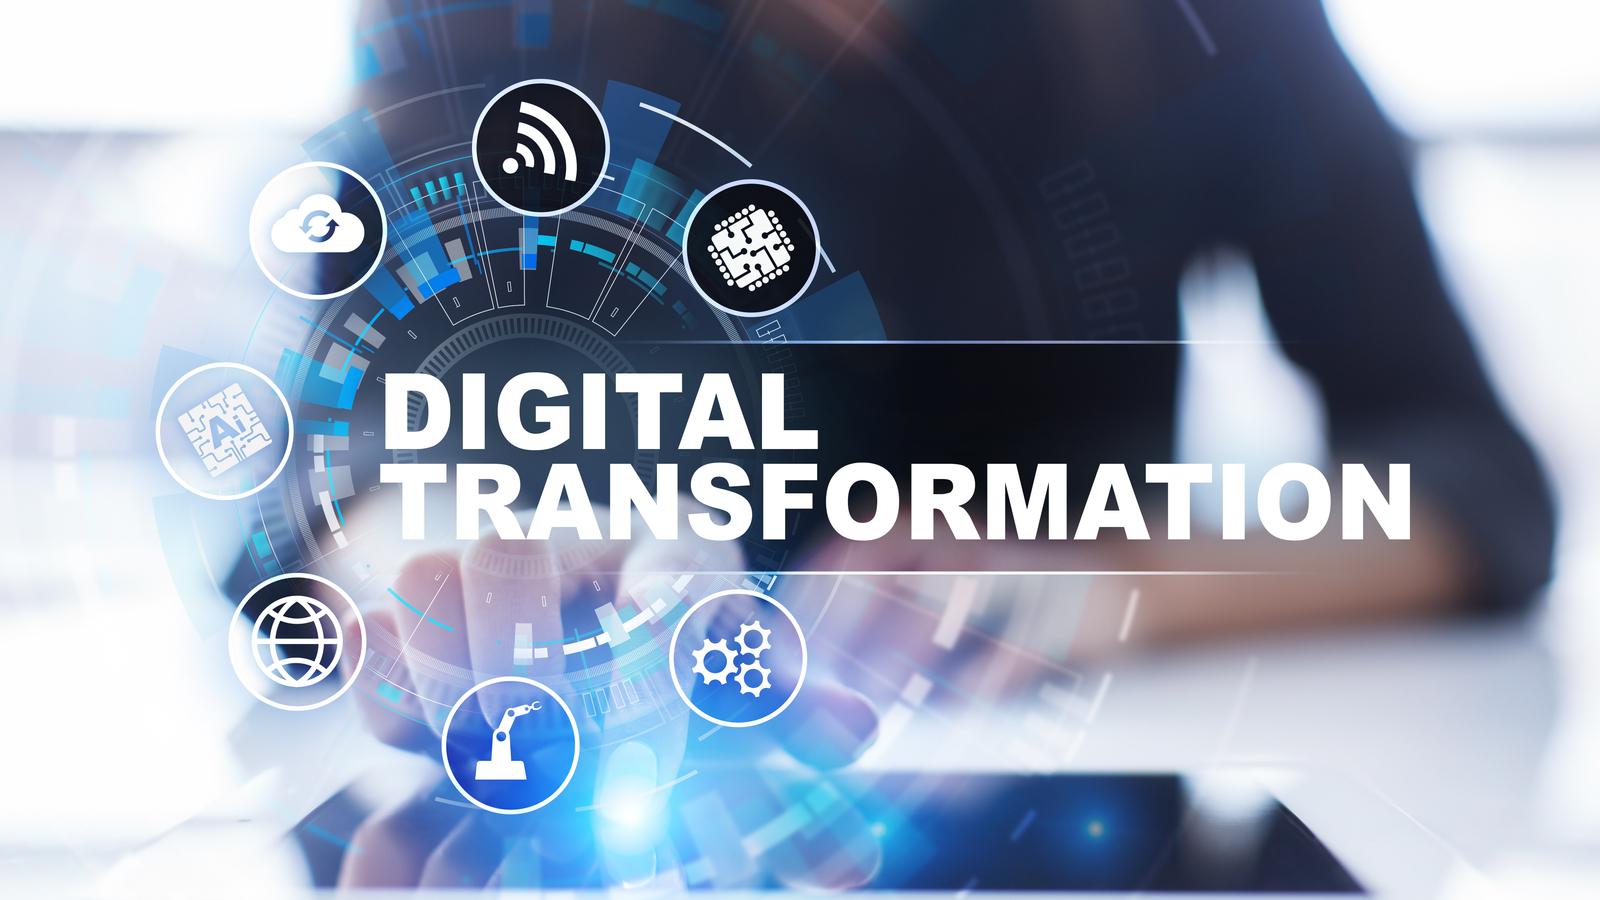 Digital transformation – Measuring Success is Still Tricky